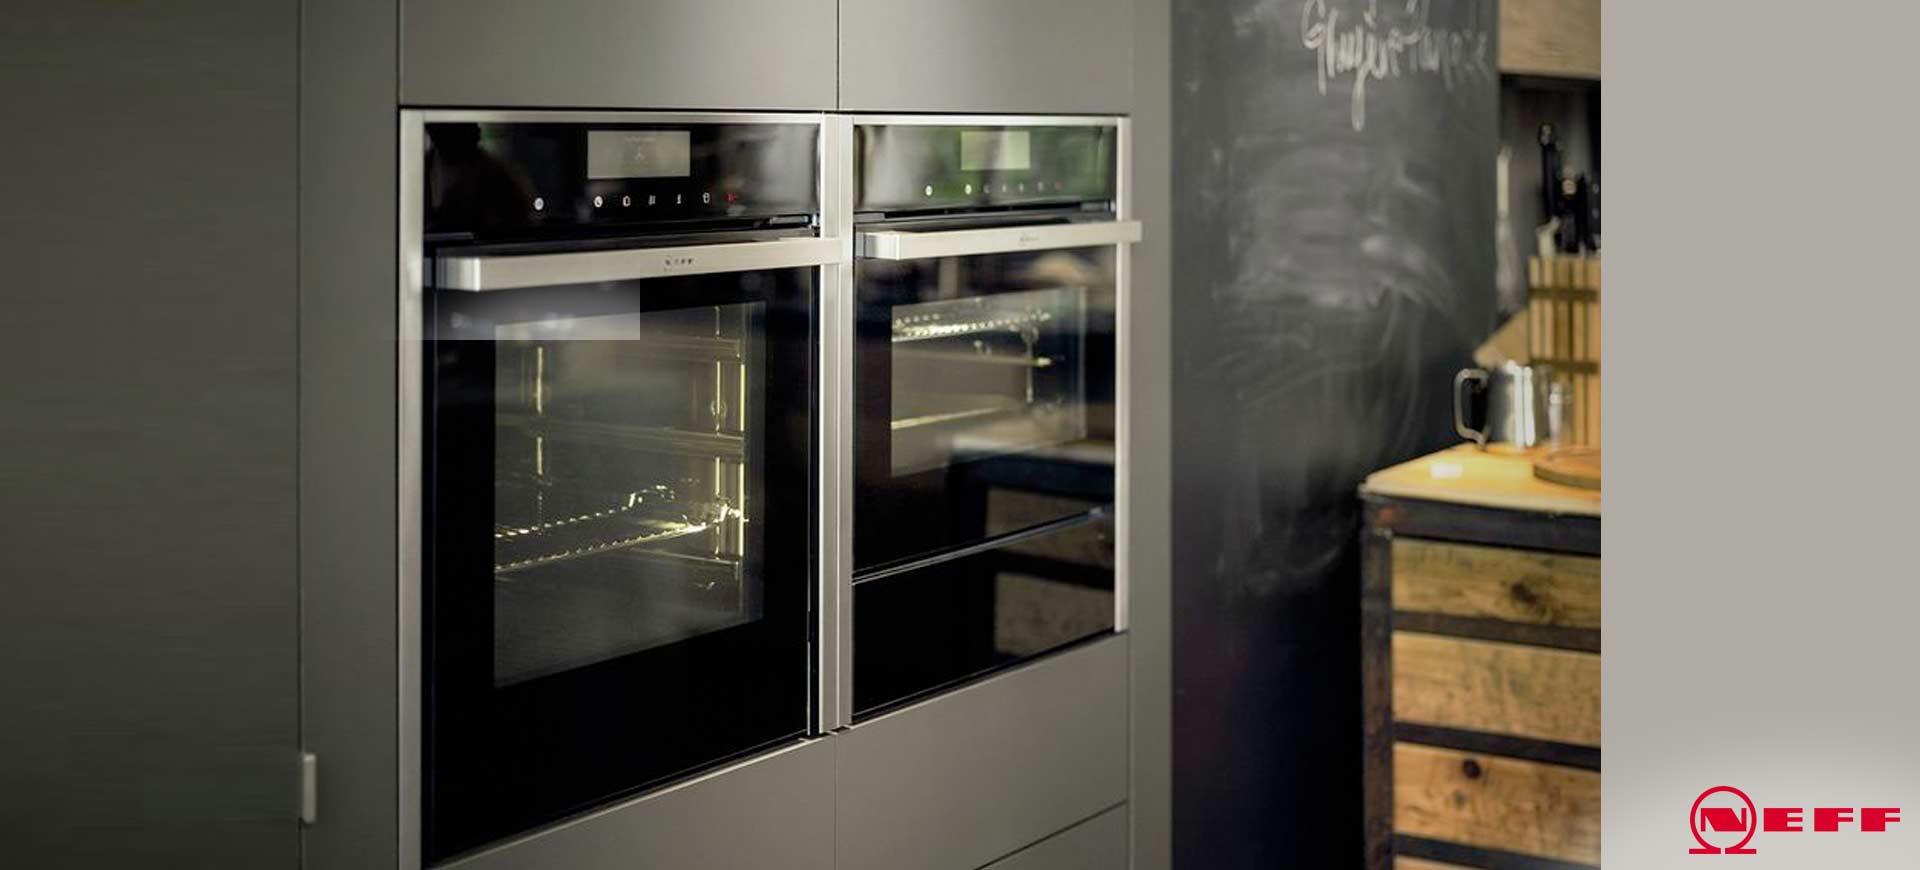 Küchenschränke Einräumen Mit System | Wandabschlussleiste Küche ...